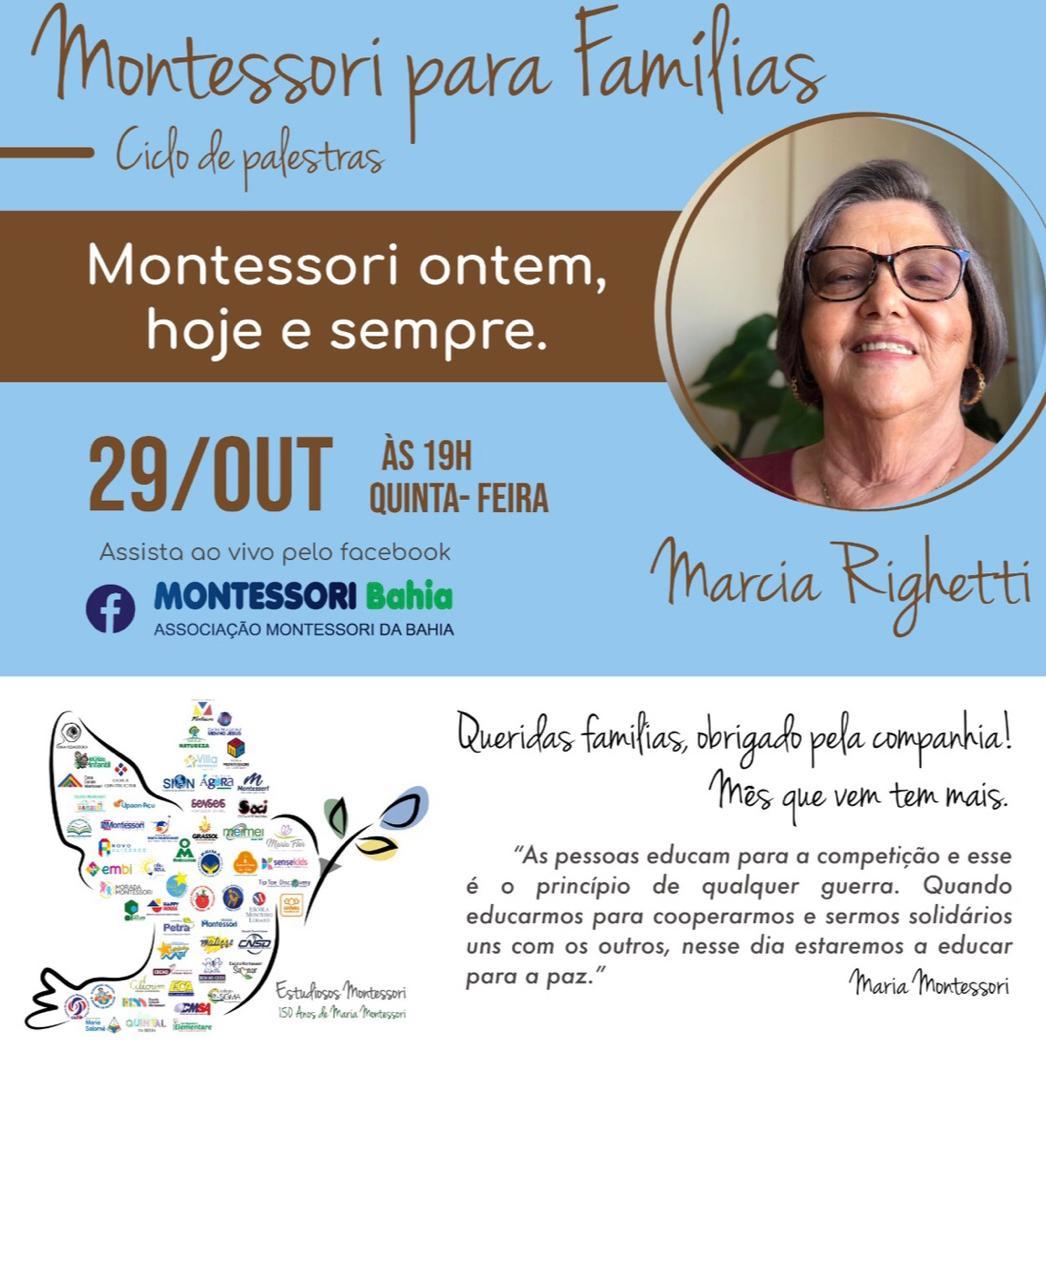 Montessori ontem, hoje e sempre. É o tema da palestra desta quinta-feira (29) no Ciclo de Palestras Montessori para Famílias. A palestrante será Márcia Righetti, com horário marcado para iniciar às 19h pelo Facebook Montessori Bahia. Não perca.